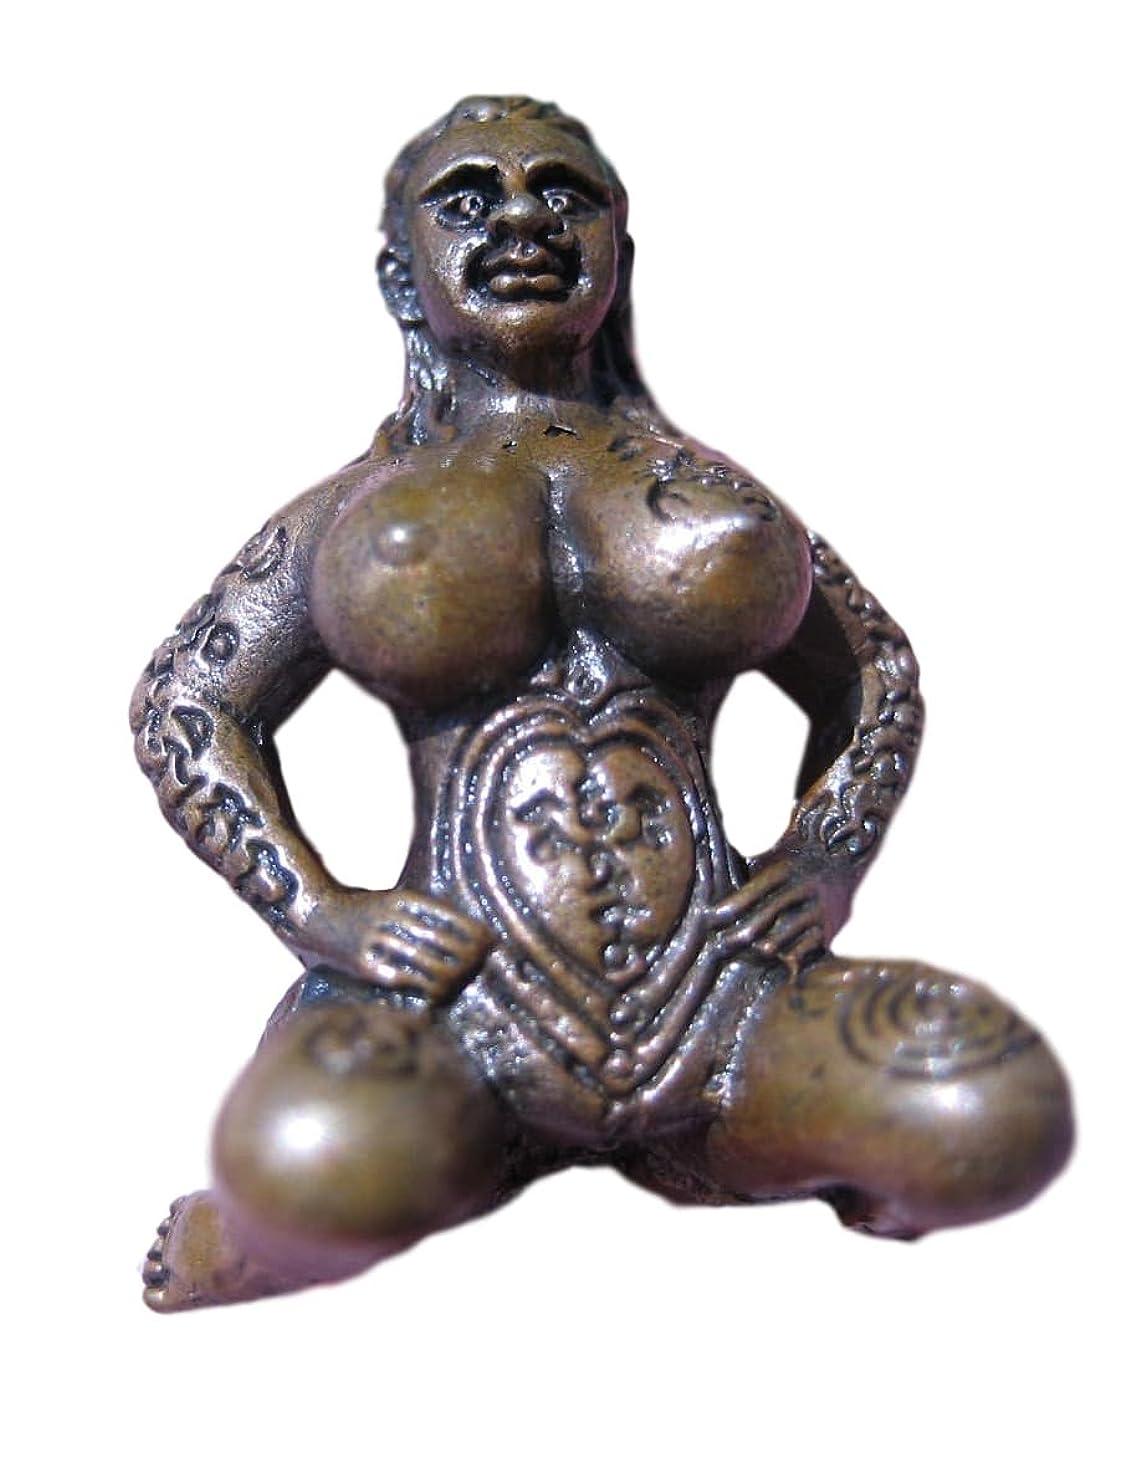 パーセント横向きうれしい真鍮の裸ヌードレディお座りお守りタイ幸運の魅力仏教の祝福 Brass Naked Nude Lady Sitting Amulet Thailand Good luck charm Buddhist Blessing